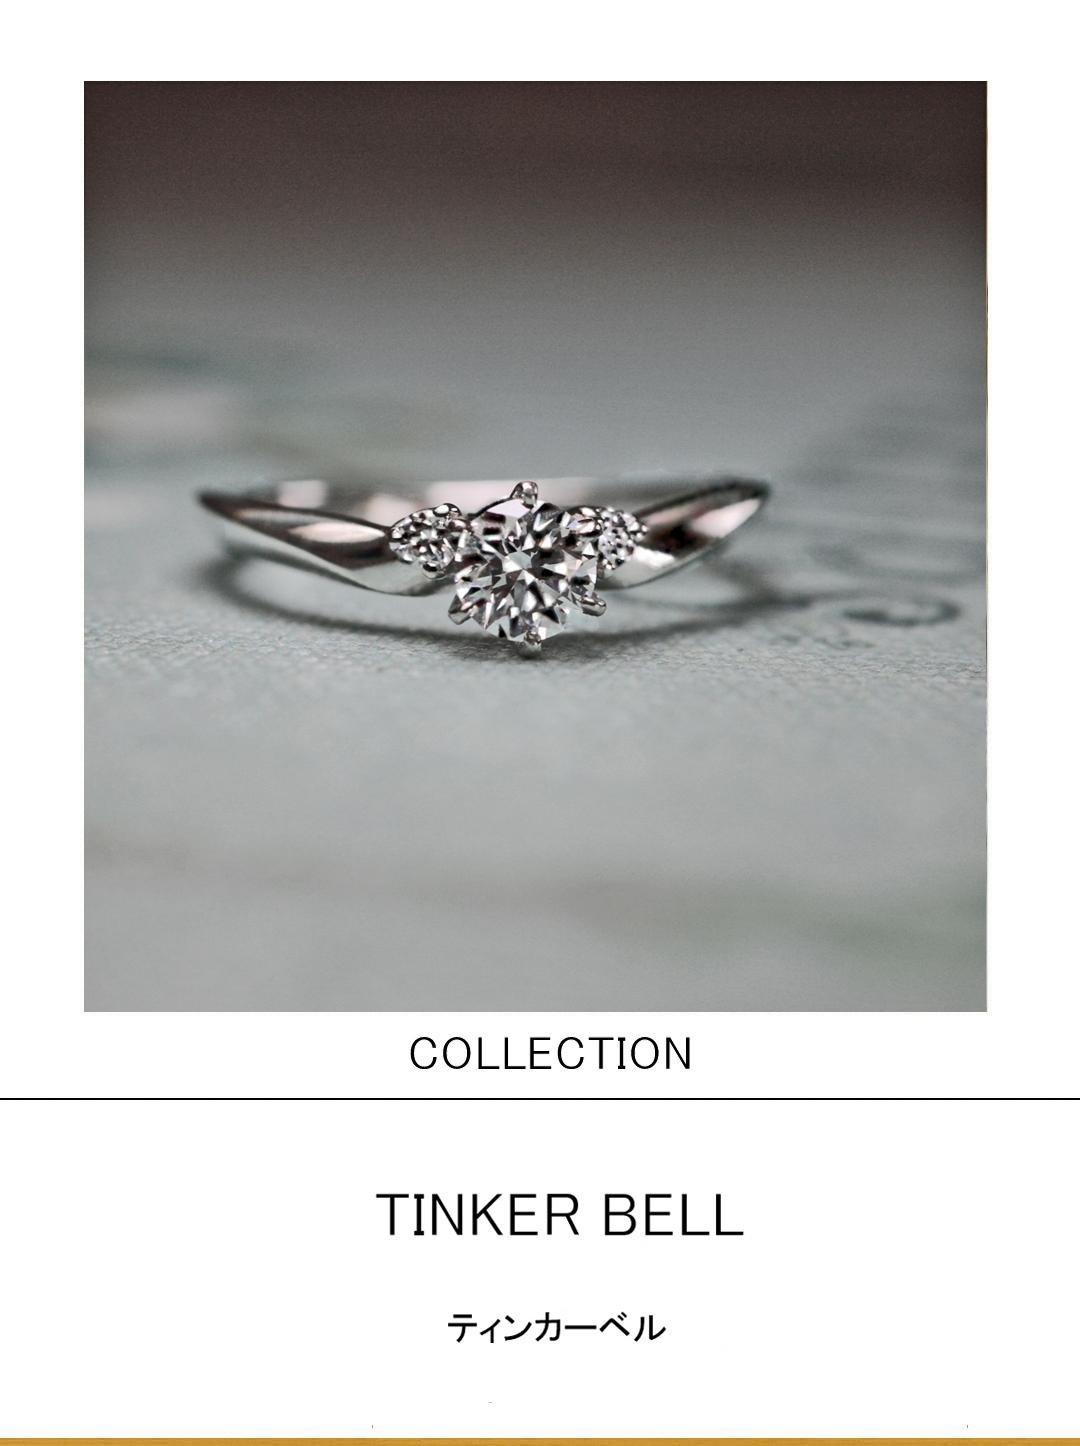 天使ティンカーベルをモチーフにデザインした婚約指輪コレクションのサムネイル